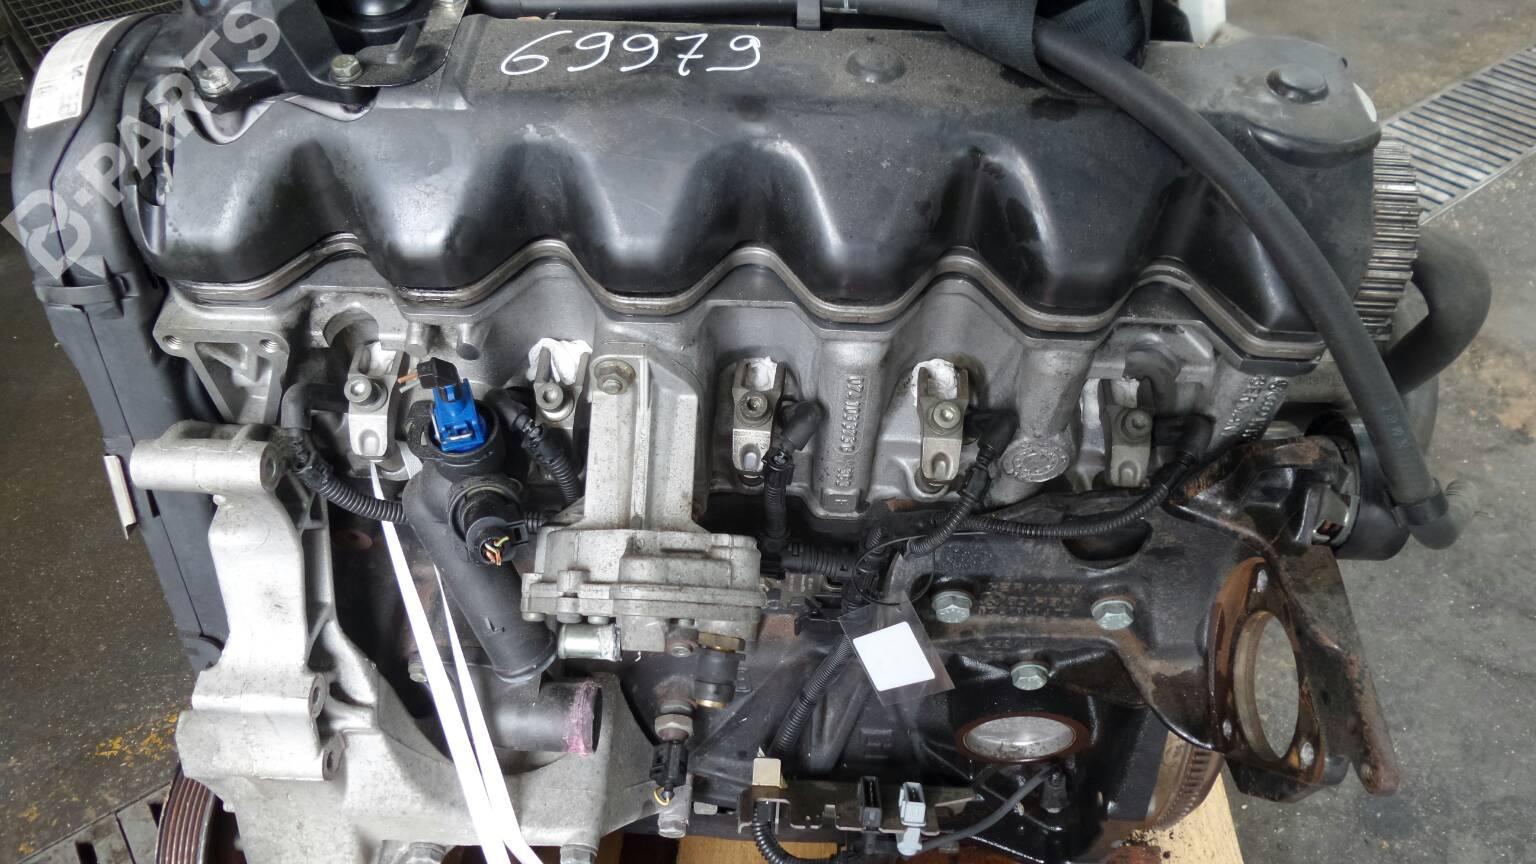 Транспортер двигатель ajt замена колодок на транспортер